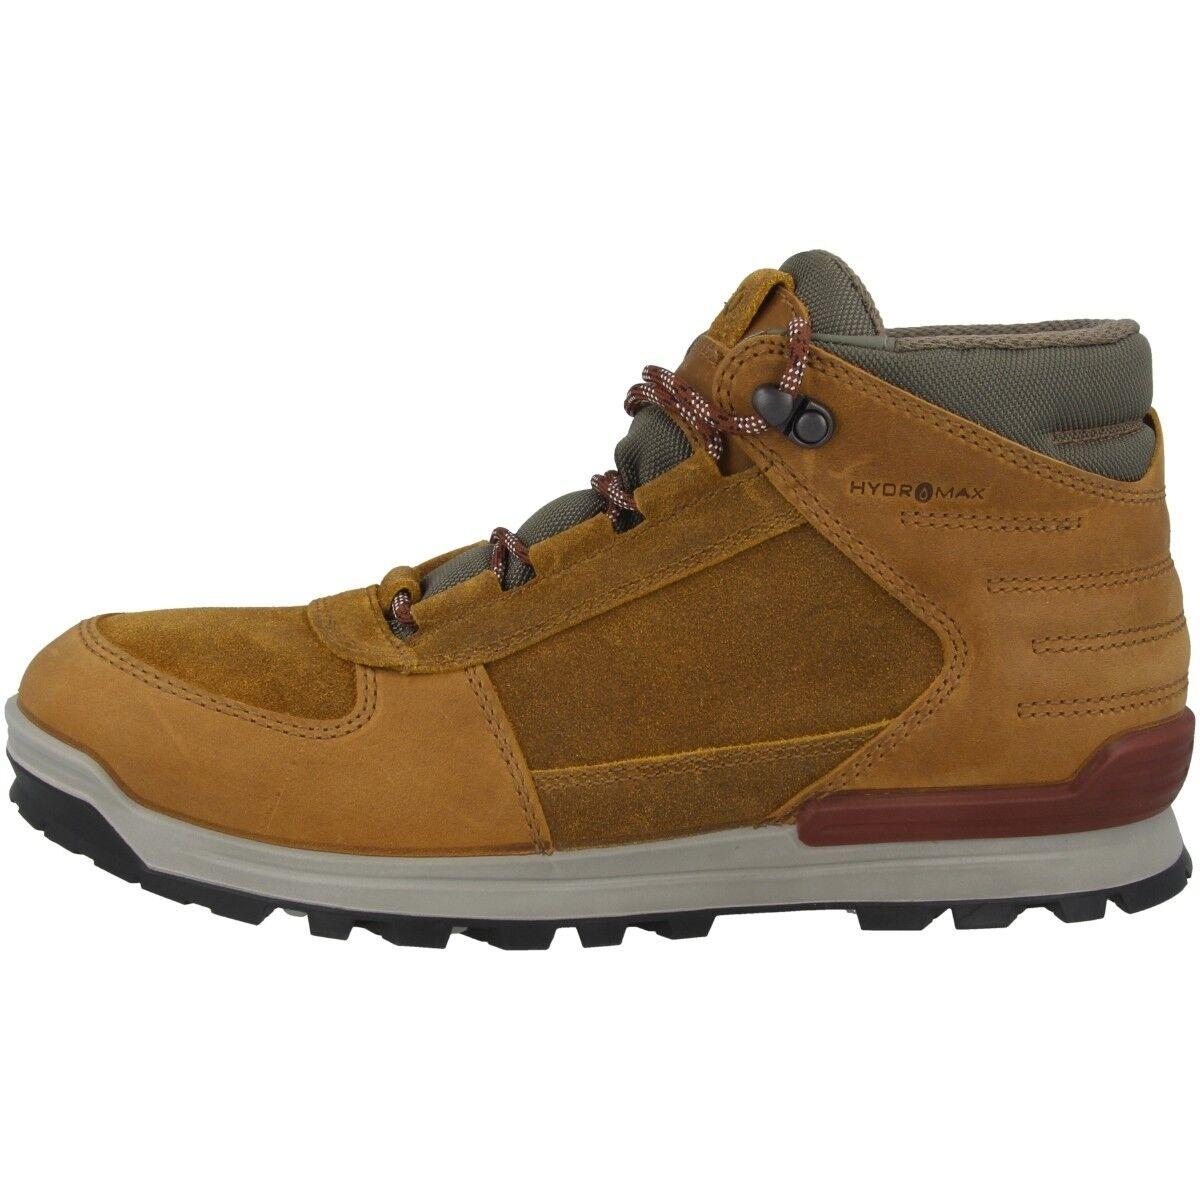 Ecco Oregon Siskiyou HM zapatos Men señores botas con cordones Amber 826034-51123